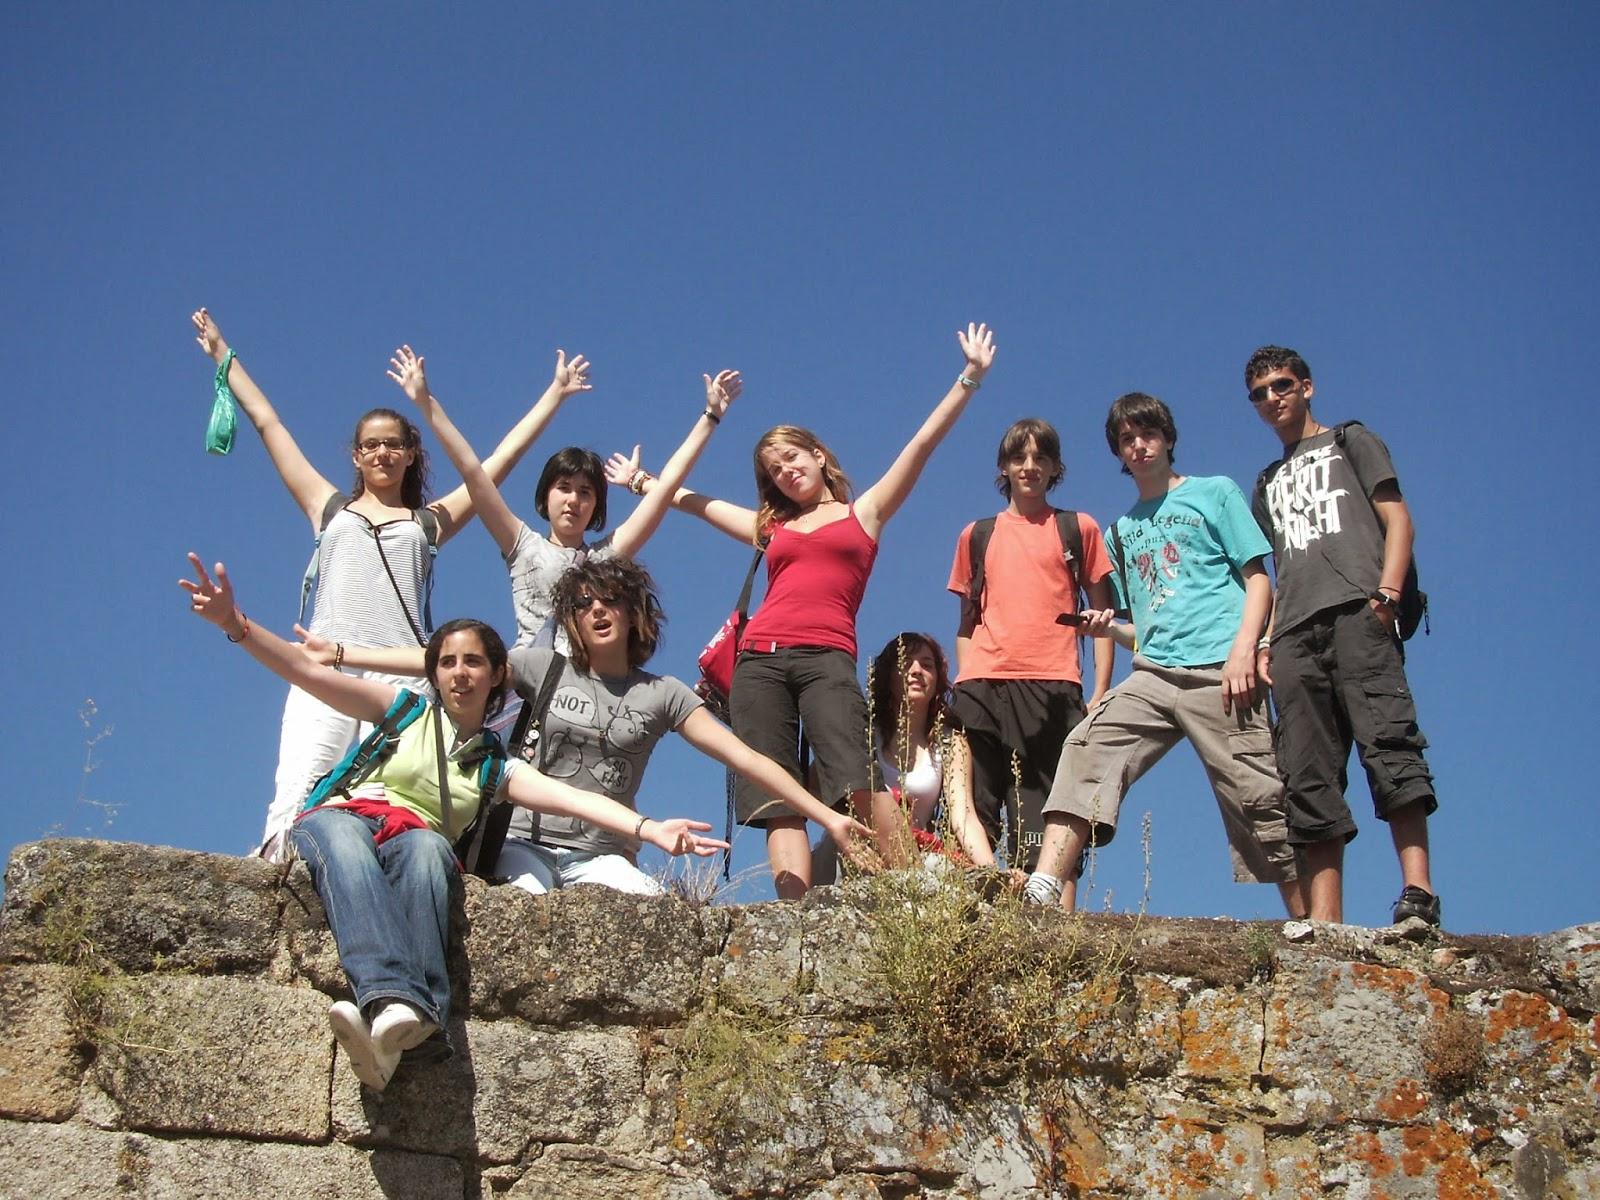 Turismo juvenil generó más de 182 mil millones de dólares en 2013